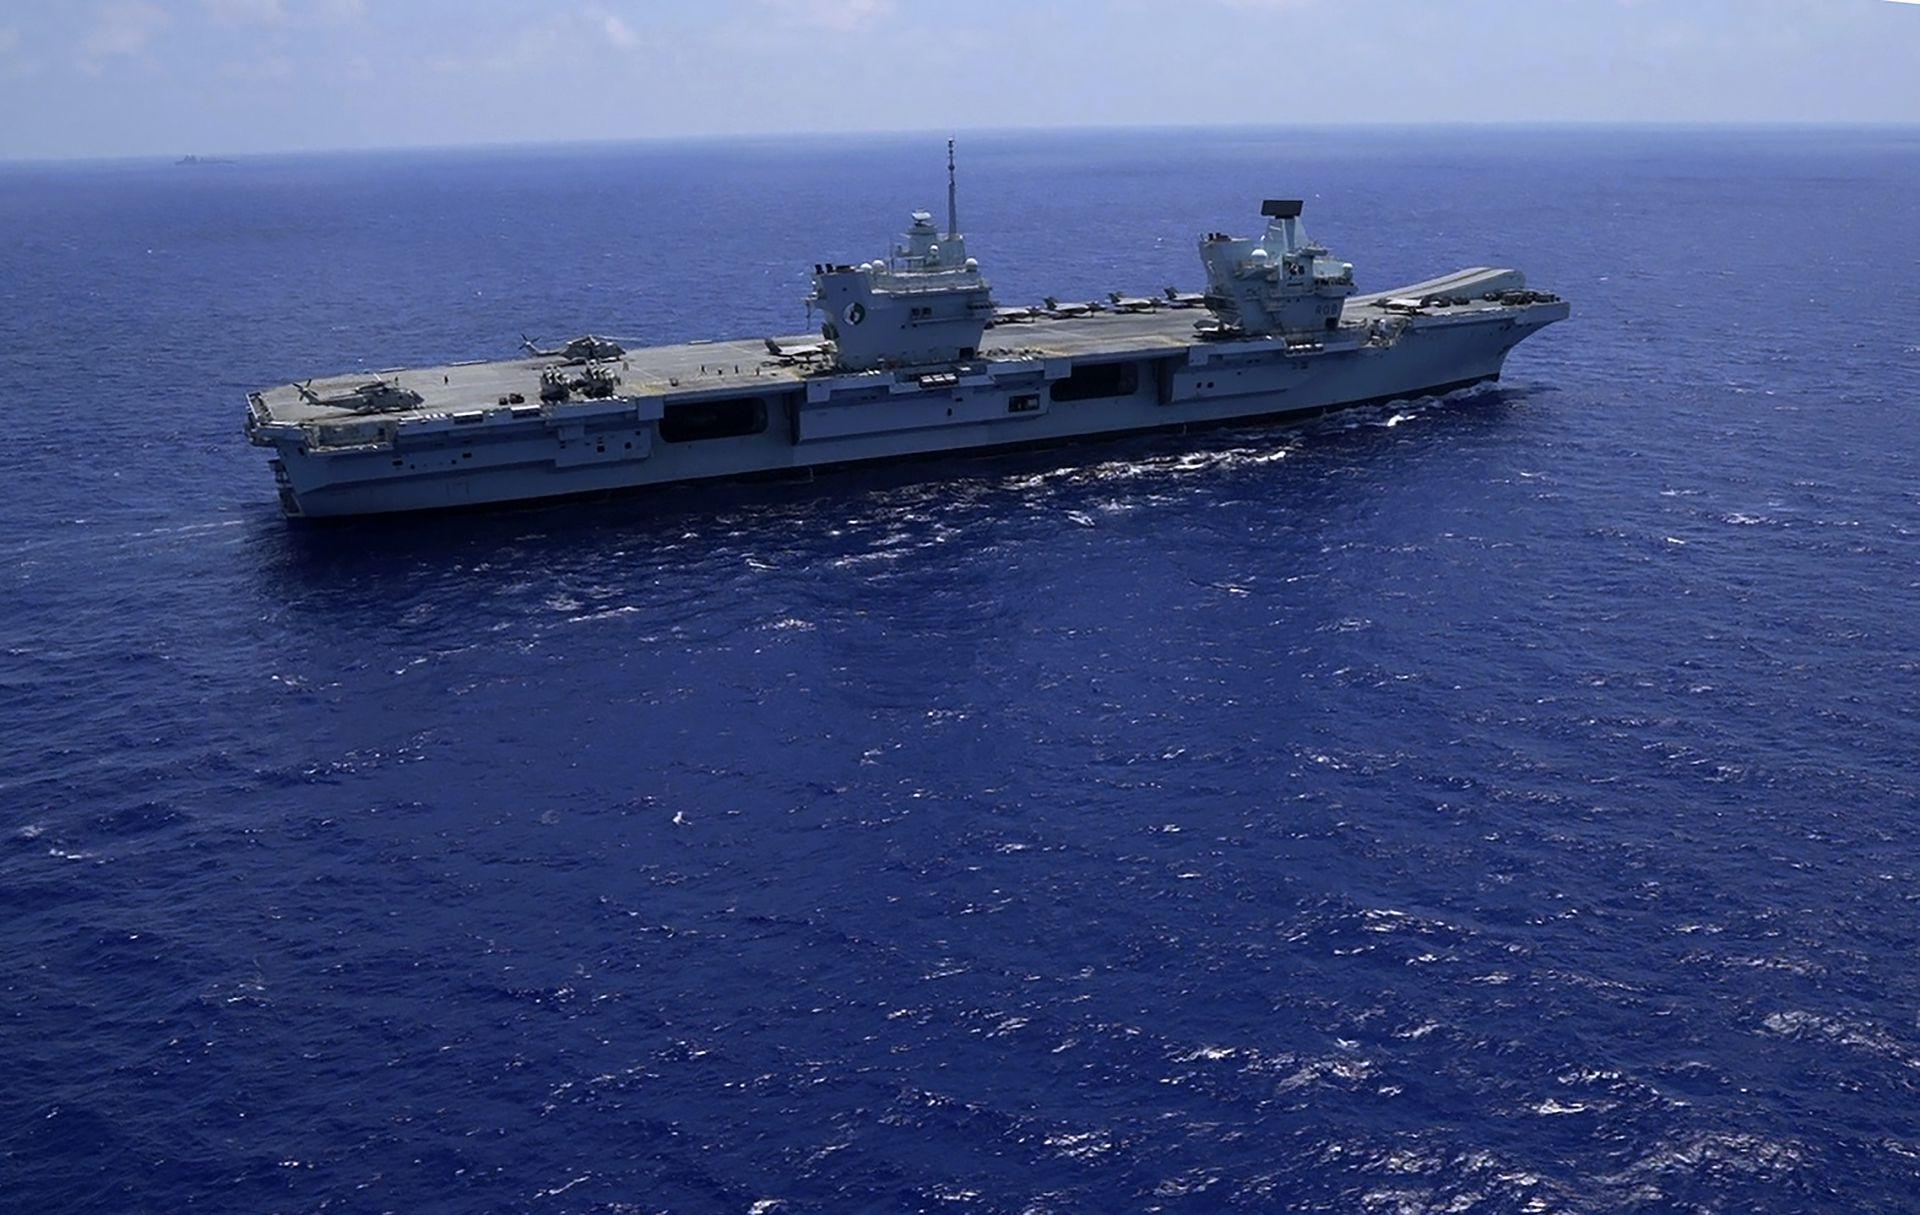 英国成立4000人特种部队 开始针对中国秘密任务